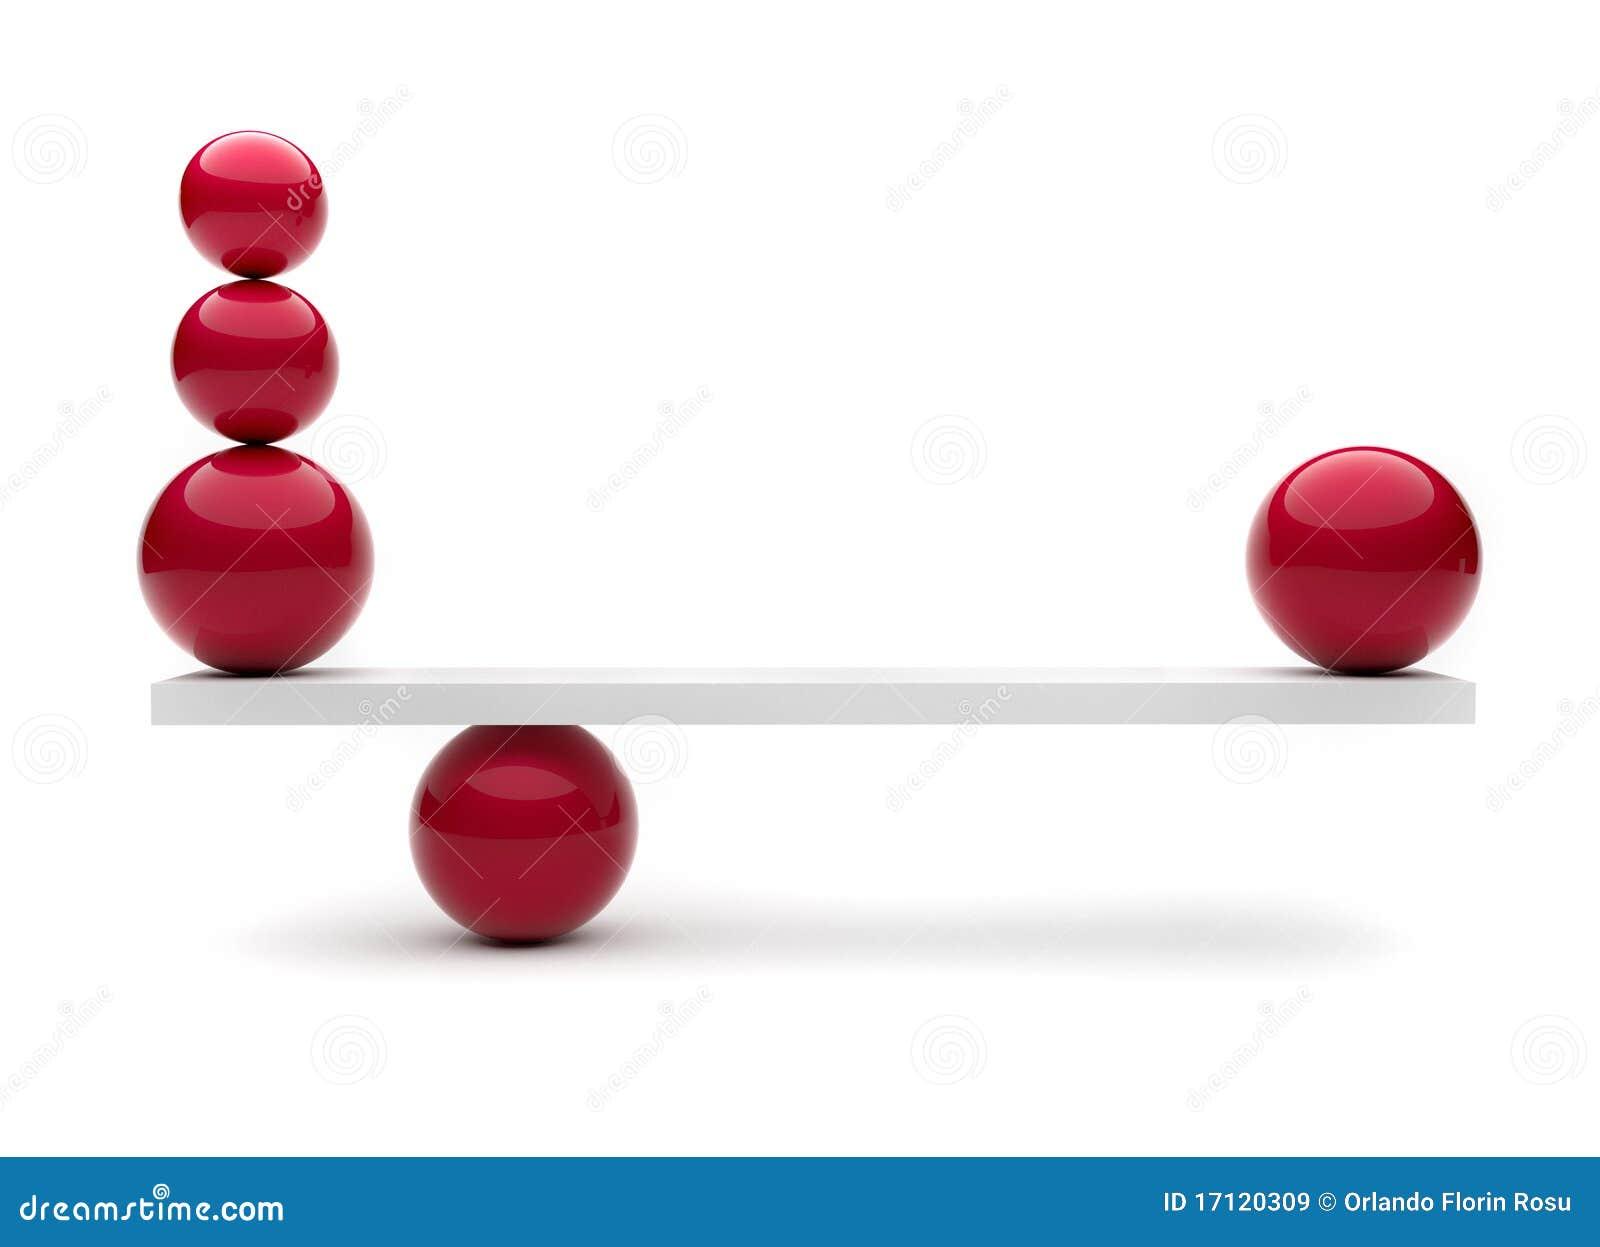 Esferas en equilibrio